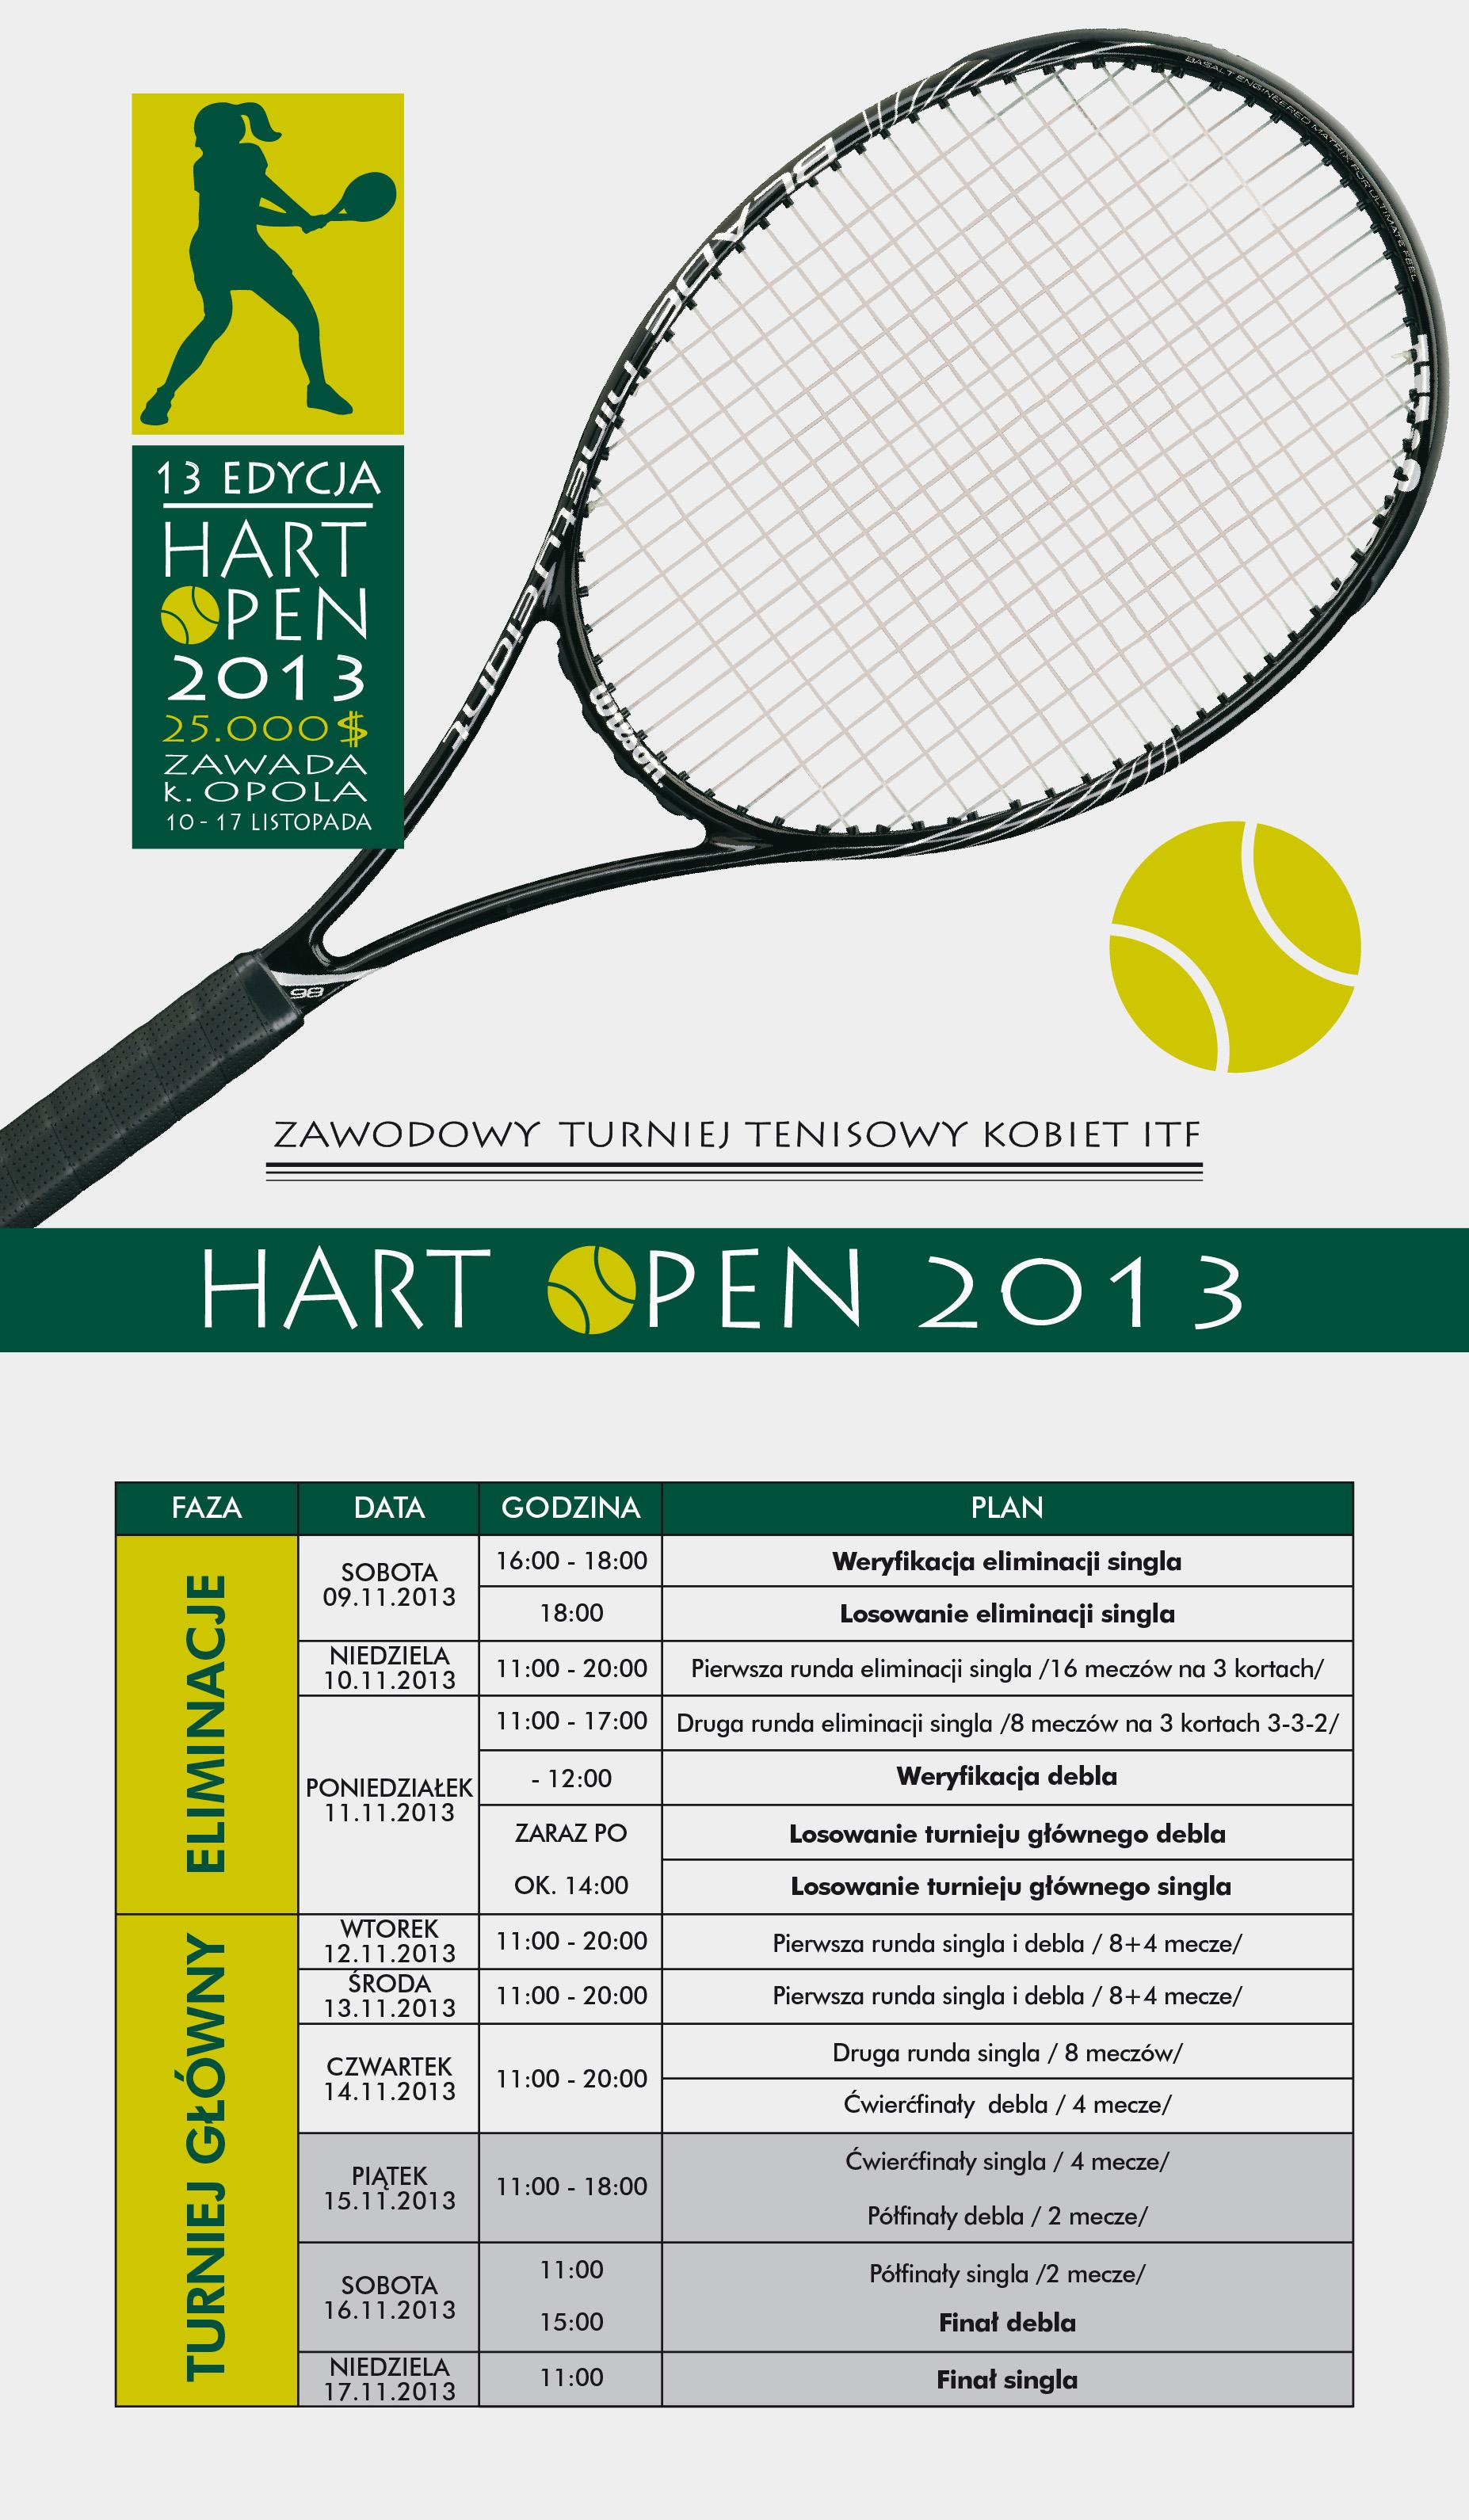 Hart Open 2013